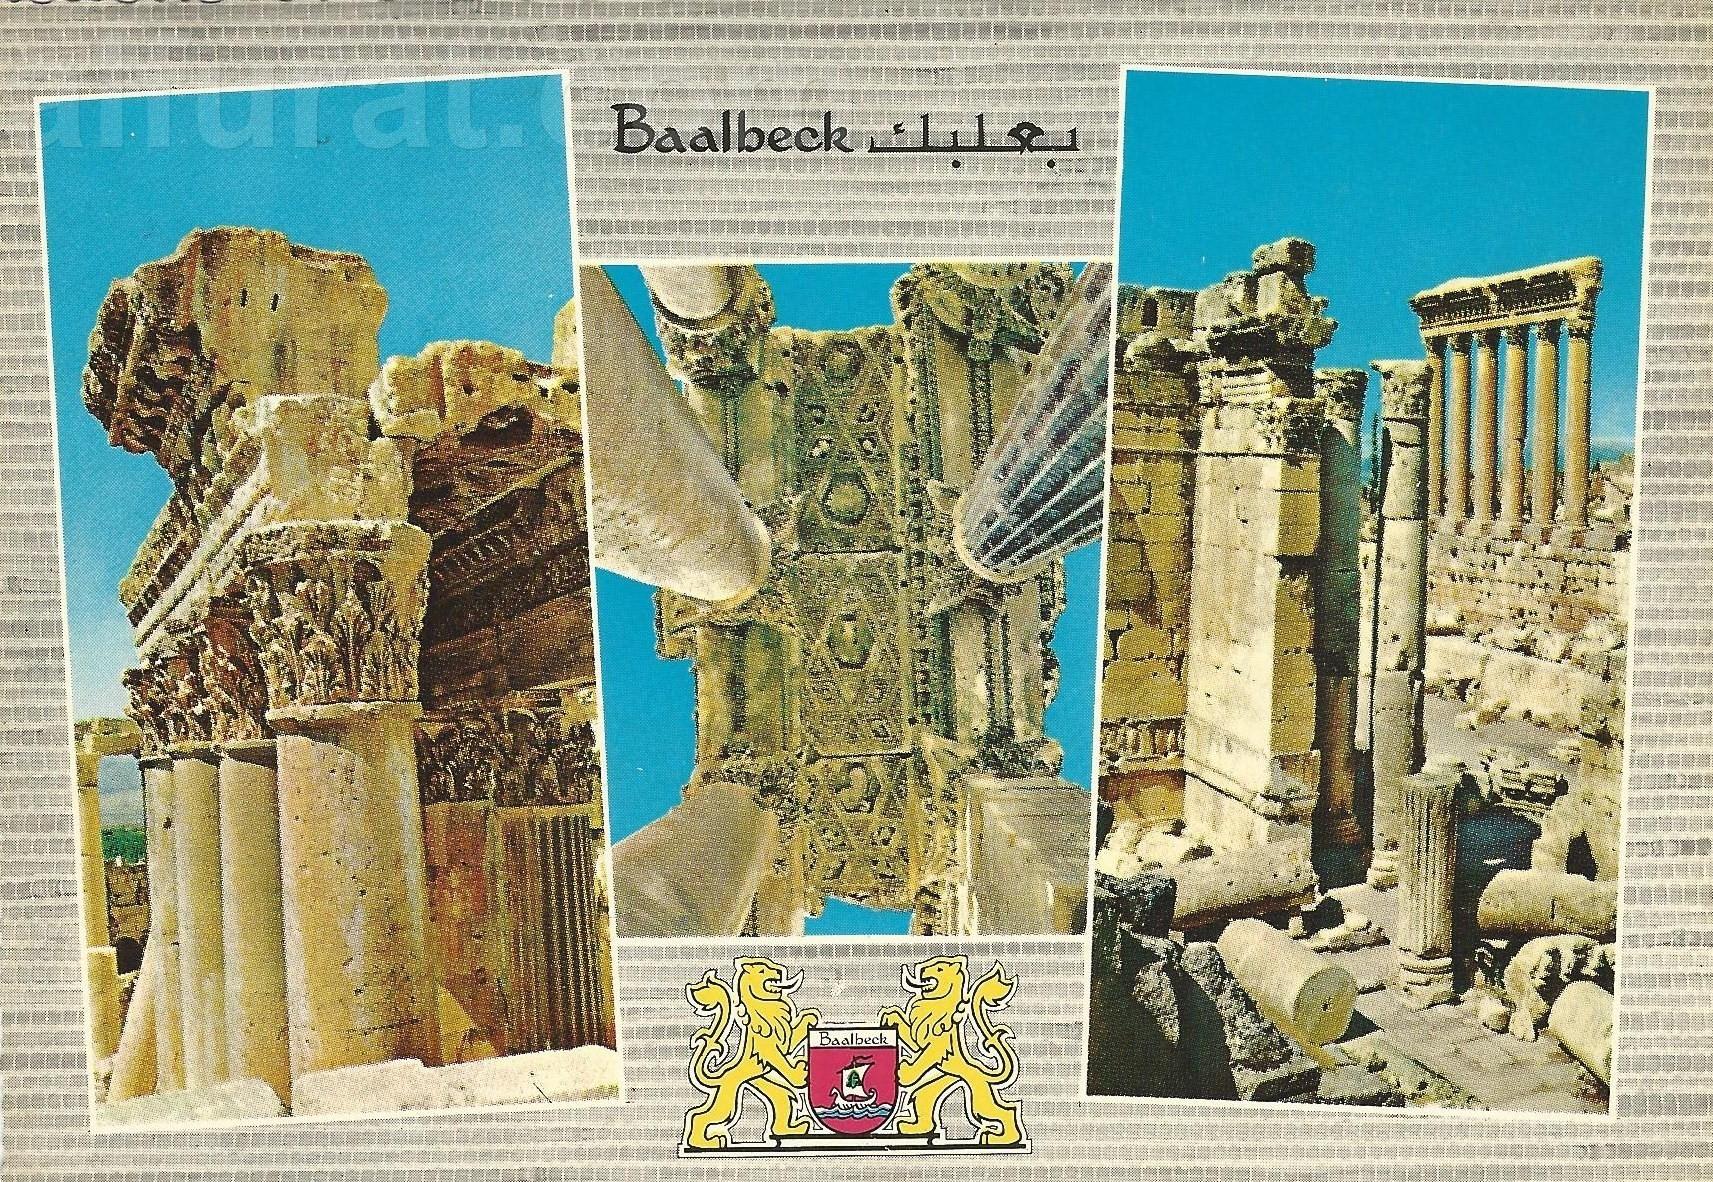 Baalbeck 205 - 987